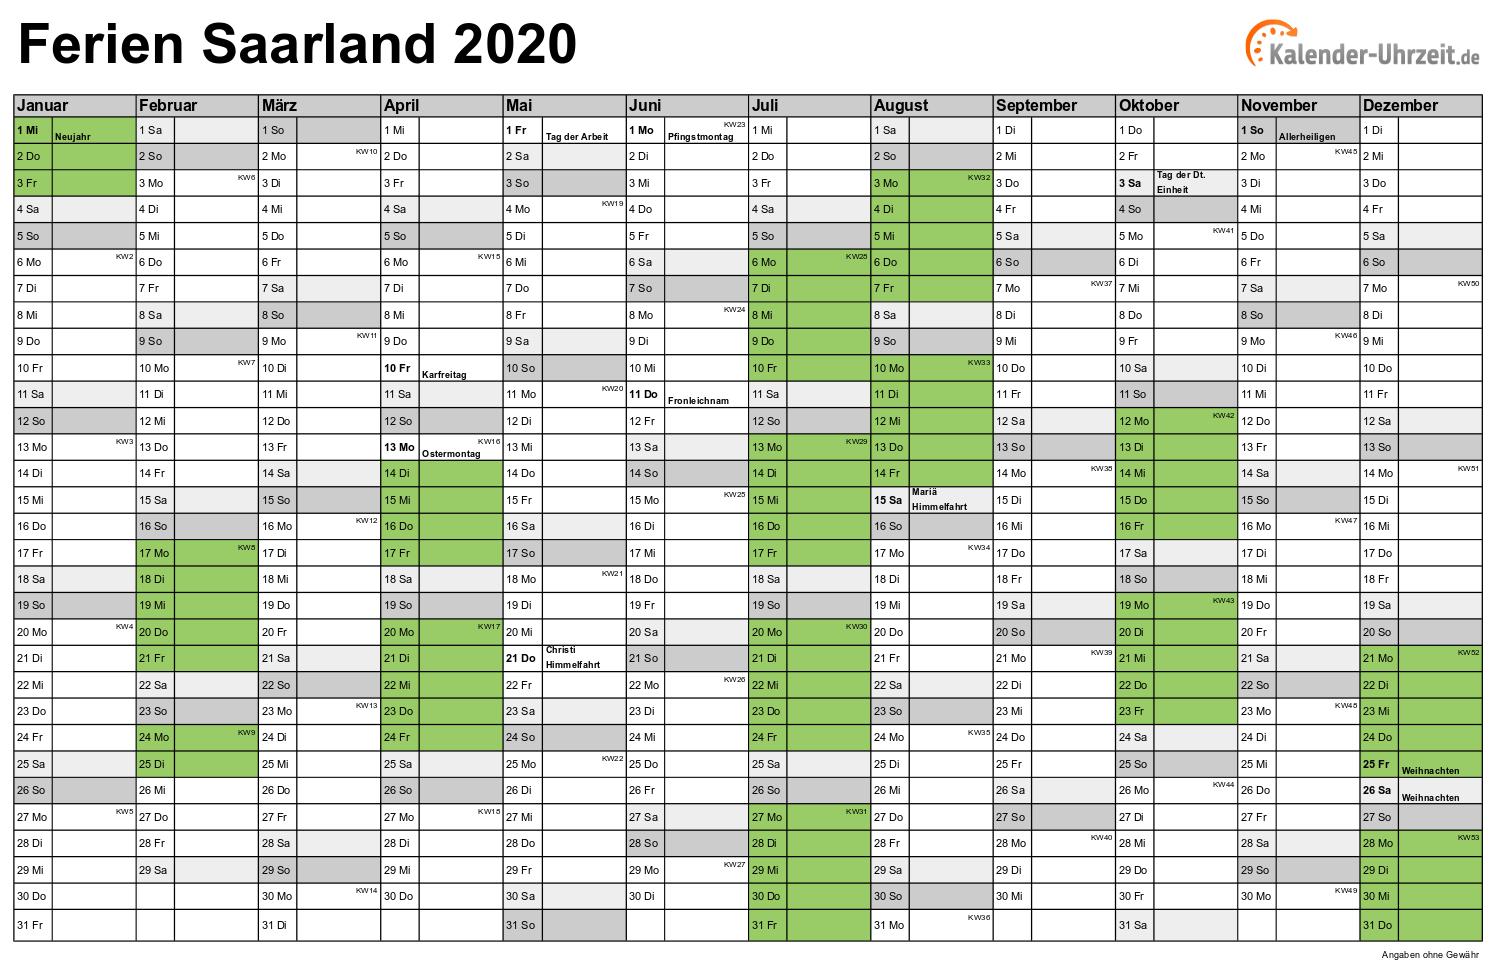 Feiertag Saarland 2020